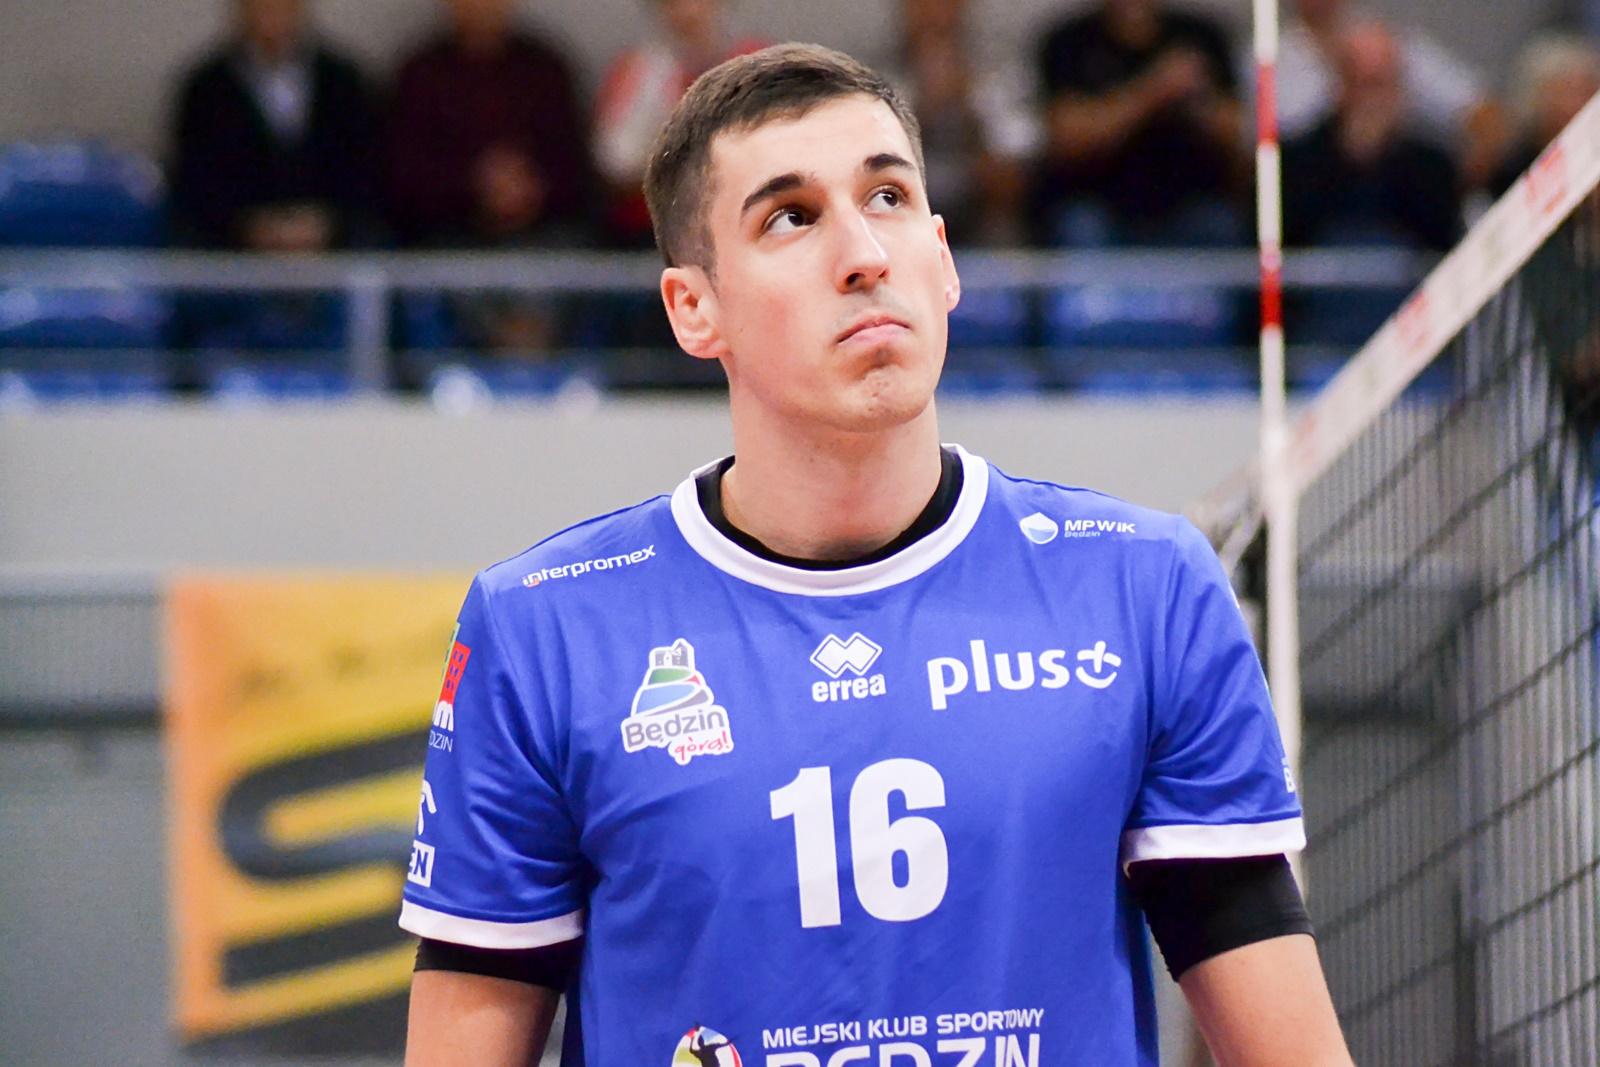 Krzysztof Rejno (2016/2017)